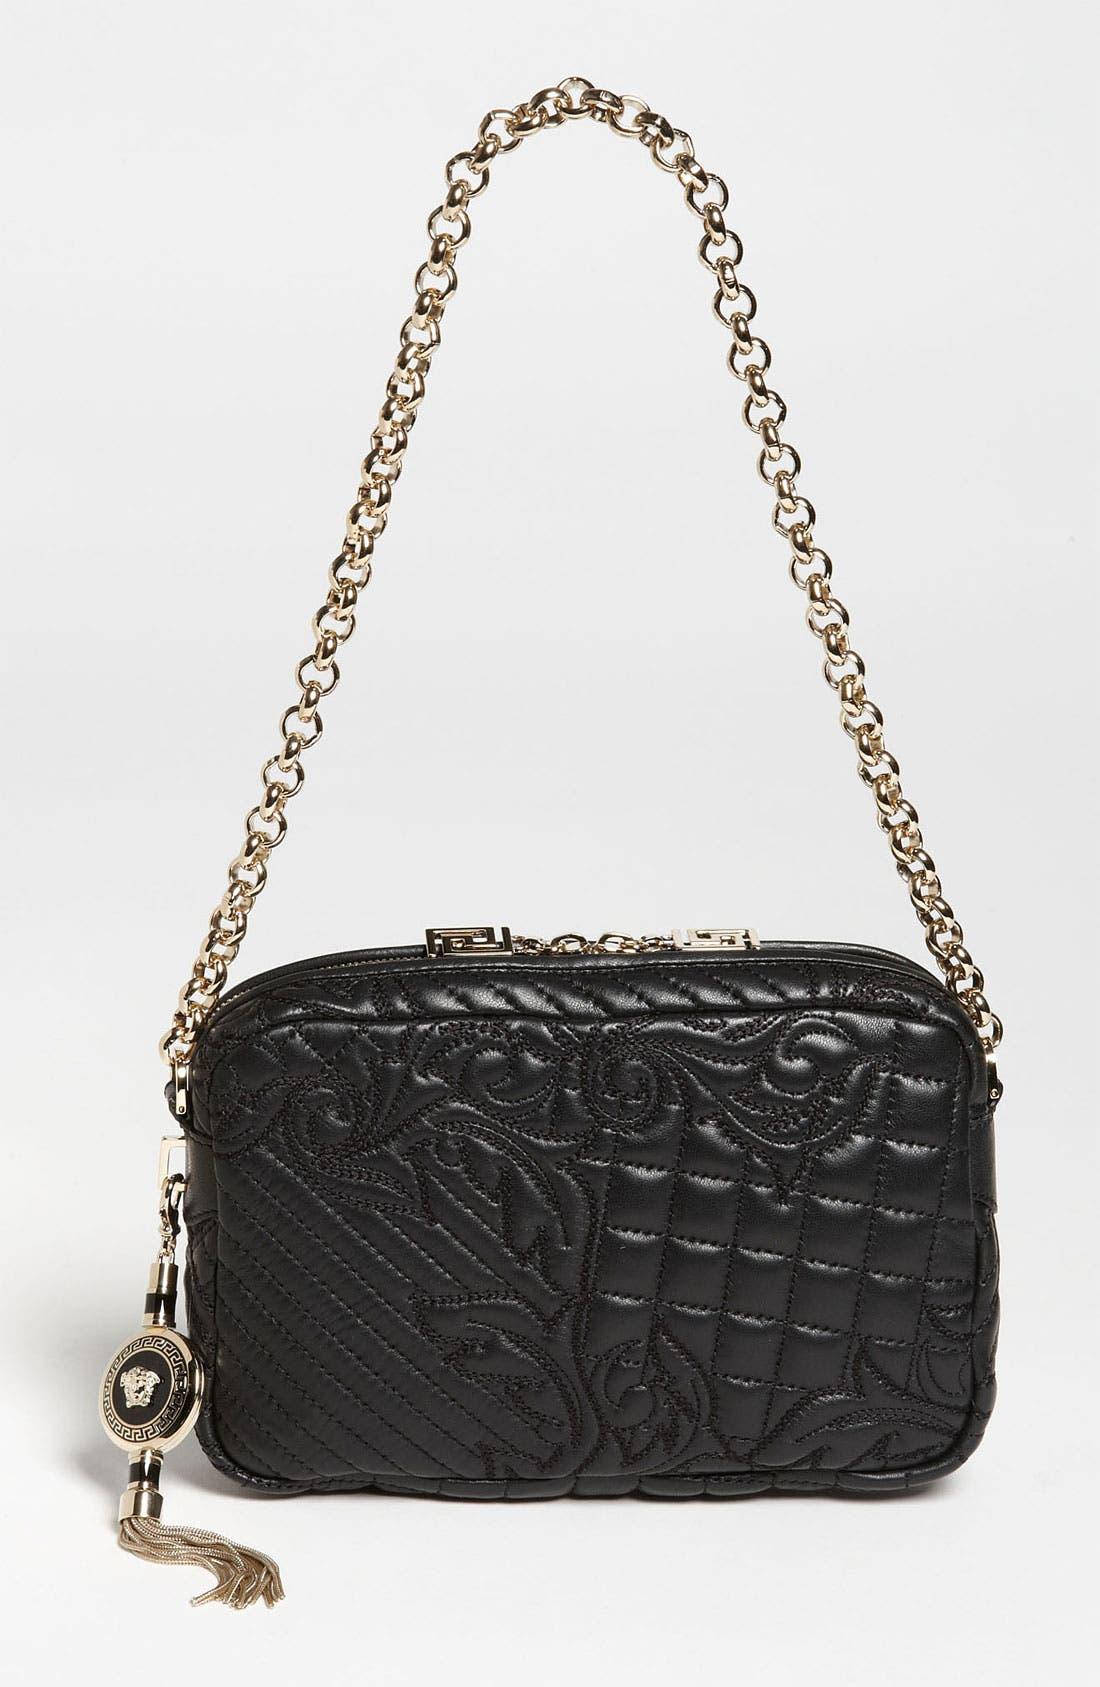 Alternate Image 1 Selected - Versace 'Vanitas' Embroidered Leather Shoulder Bag